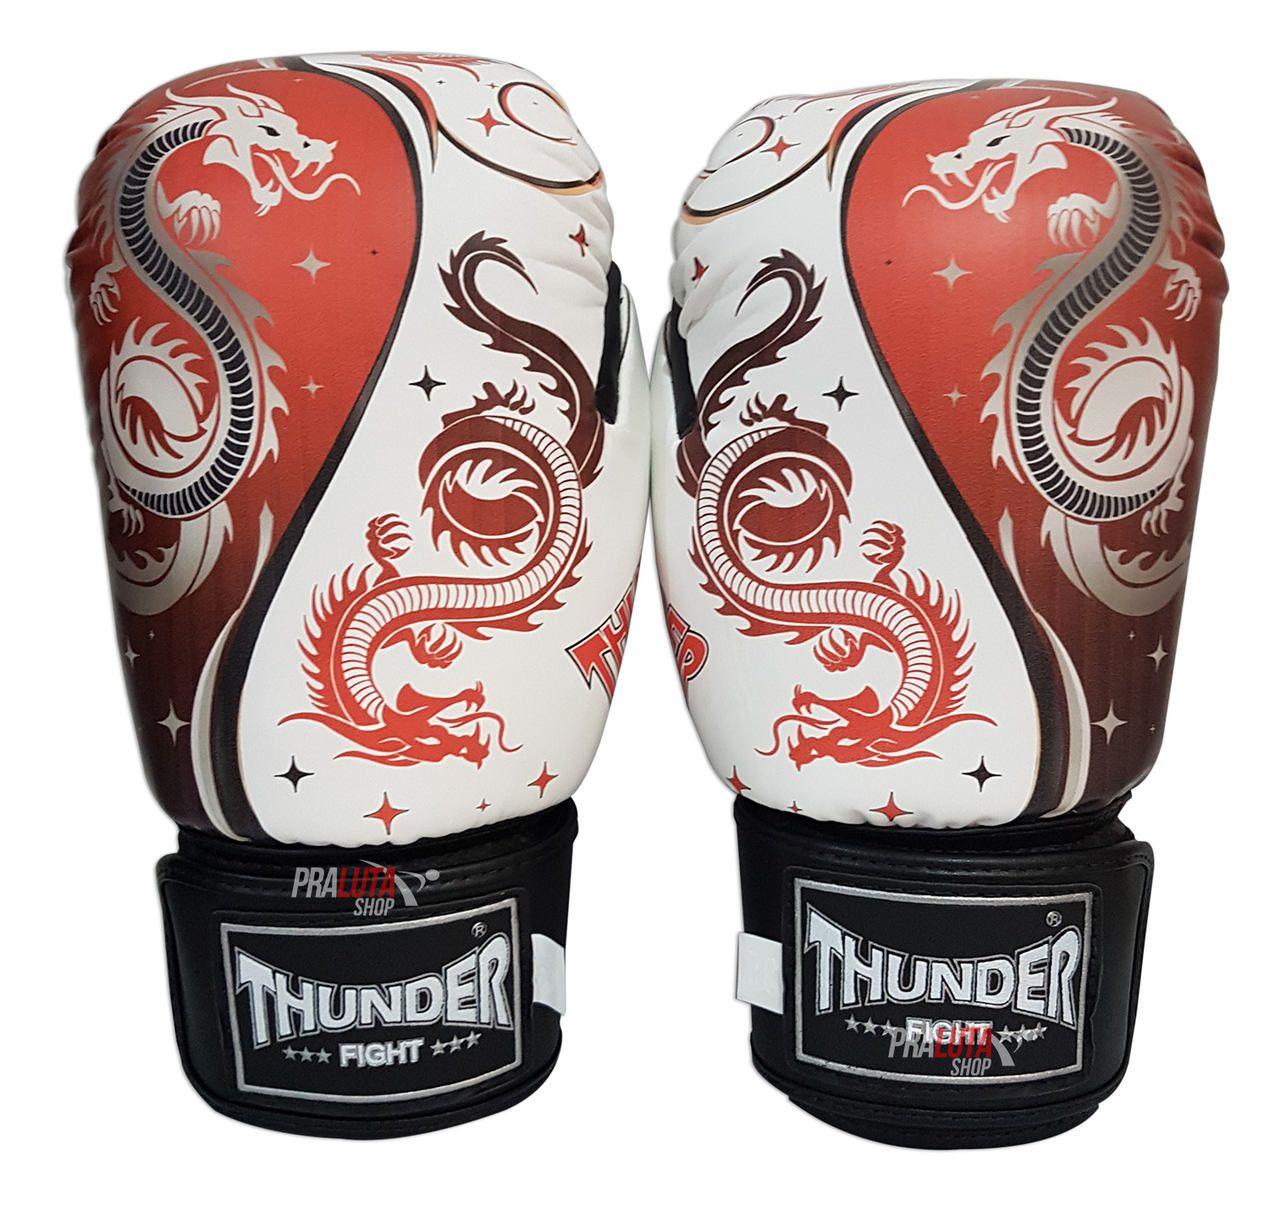 Luva de Boxe / Muay Thai 14oz - Dragão Vermelho - Thunder Fight  - PRALUTA SHOP